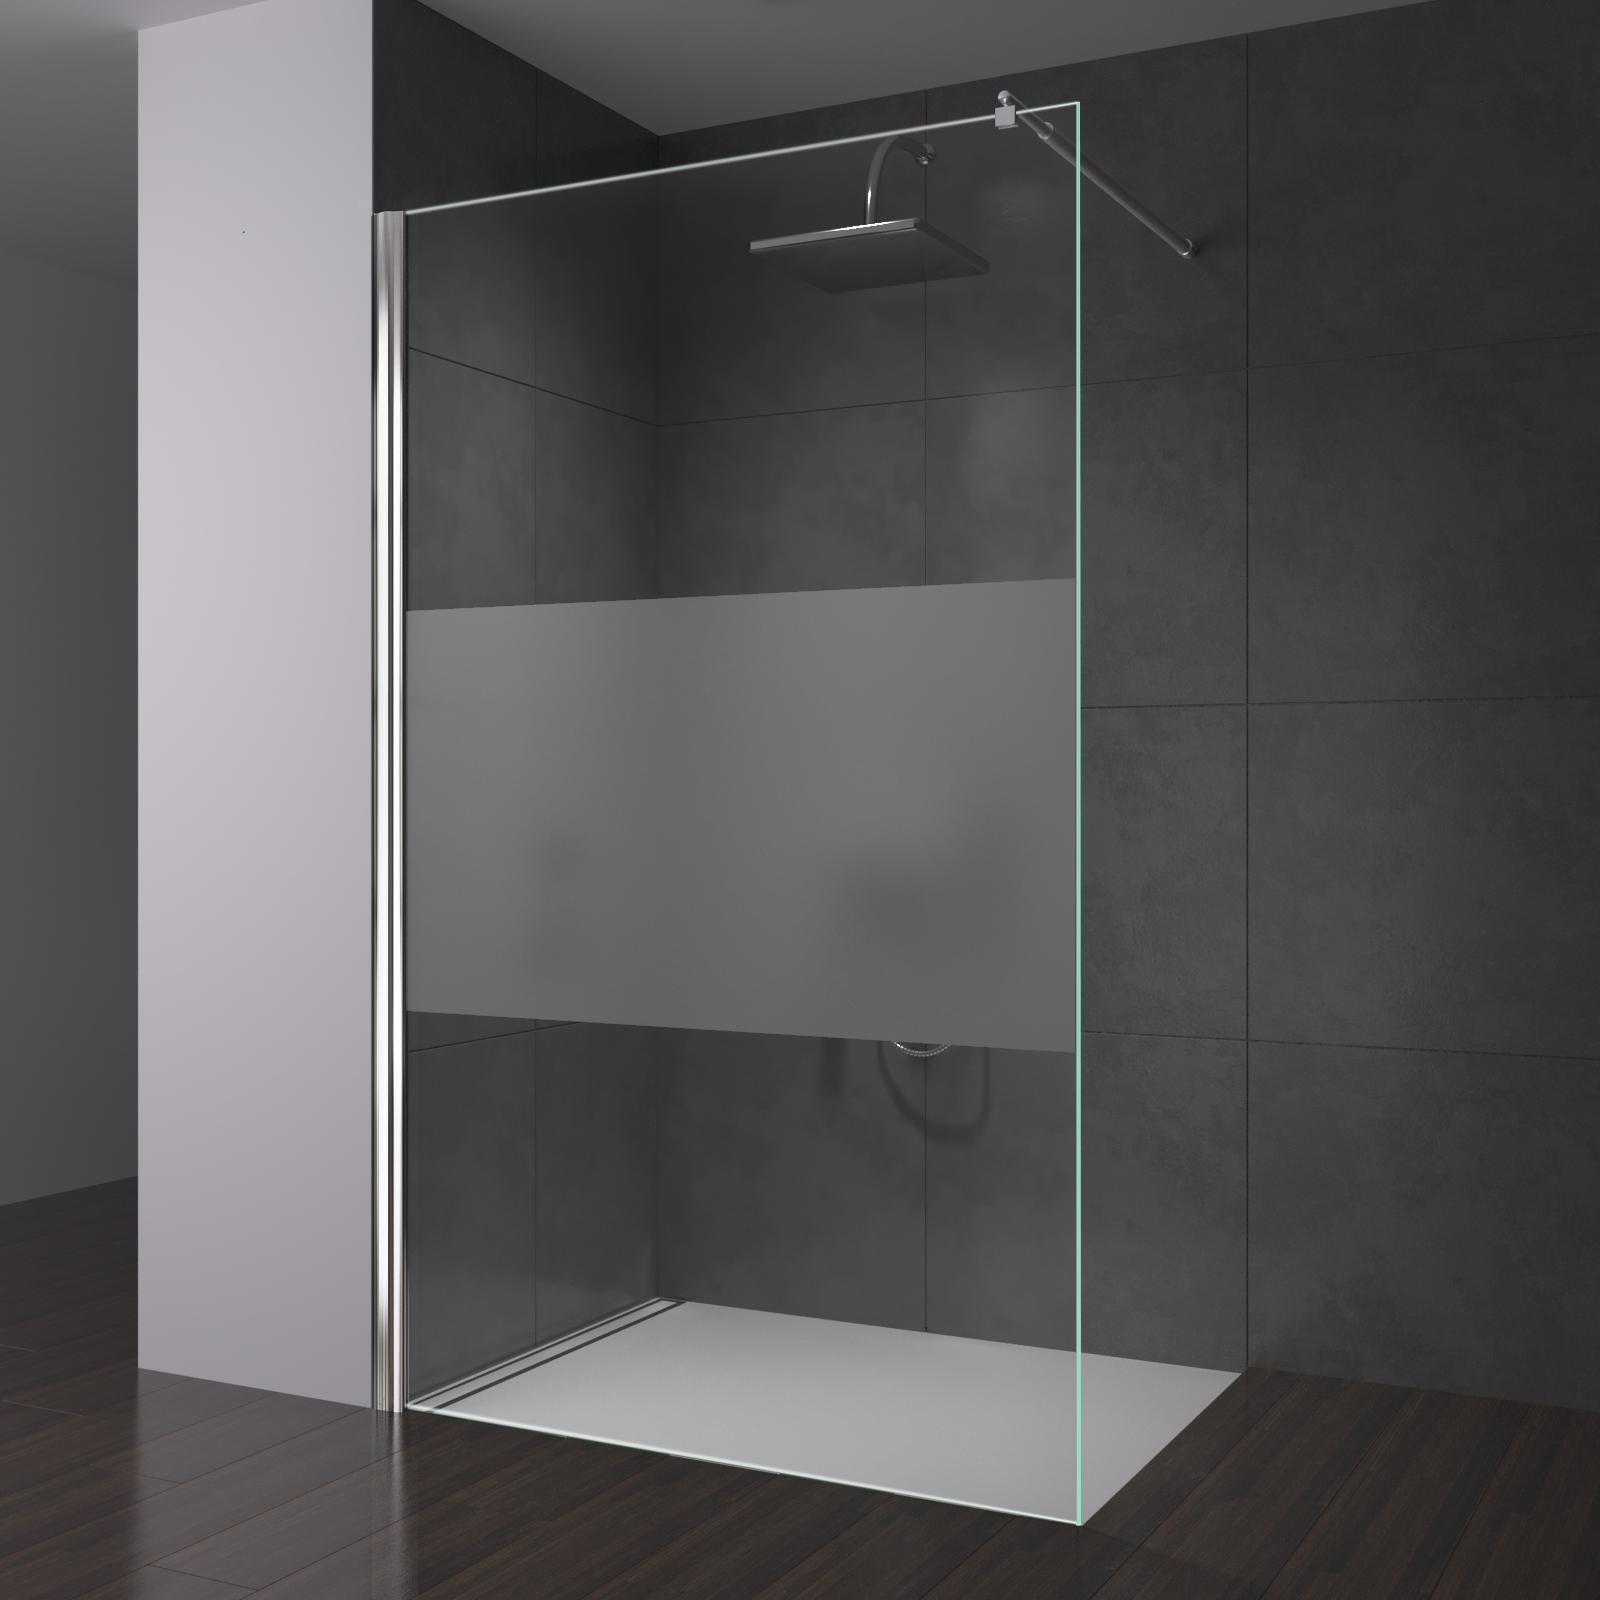 Full Size of Duschwand Glas Trennwand Duschabtrennung Fr Begehbare Dusche Schulte Duschen Einbauen Bluetooth Lautsprecher Kaufen Unterputz Bidet Walk In Eckeinstieg Grohe Dusche Glastrennwand Dusche